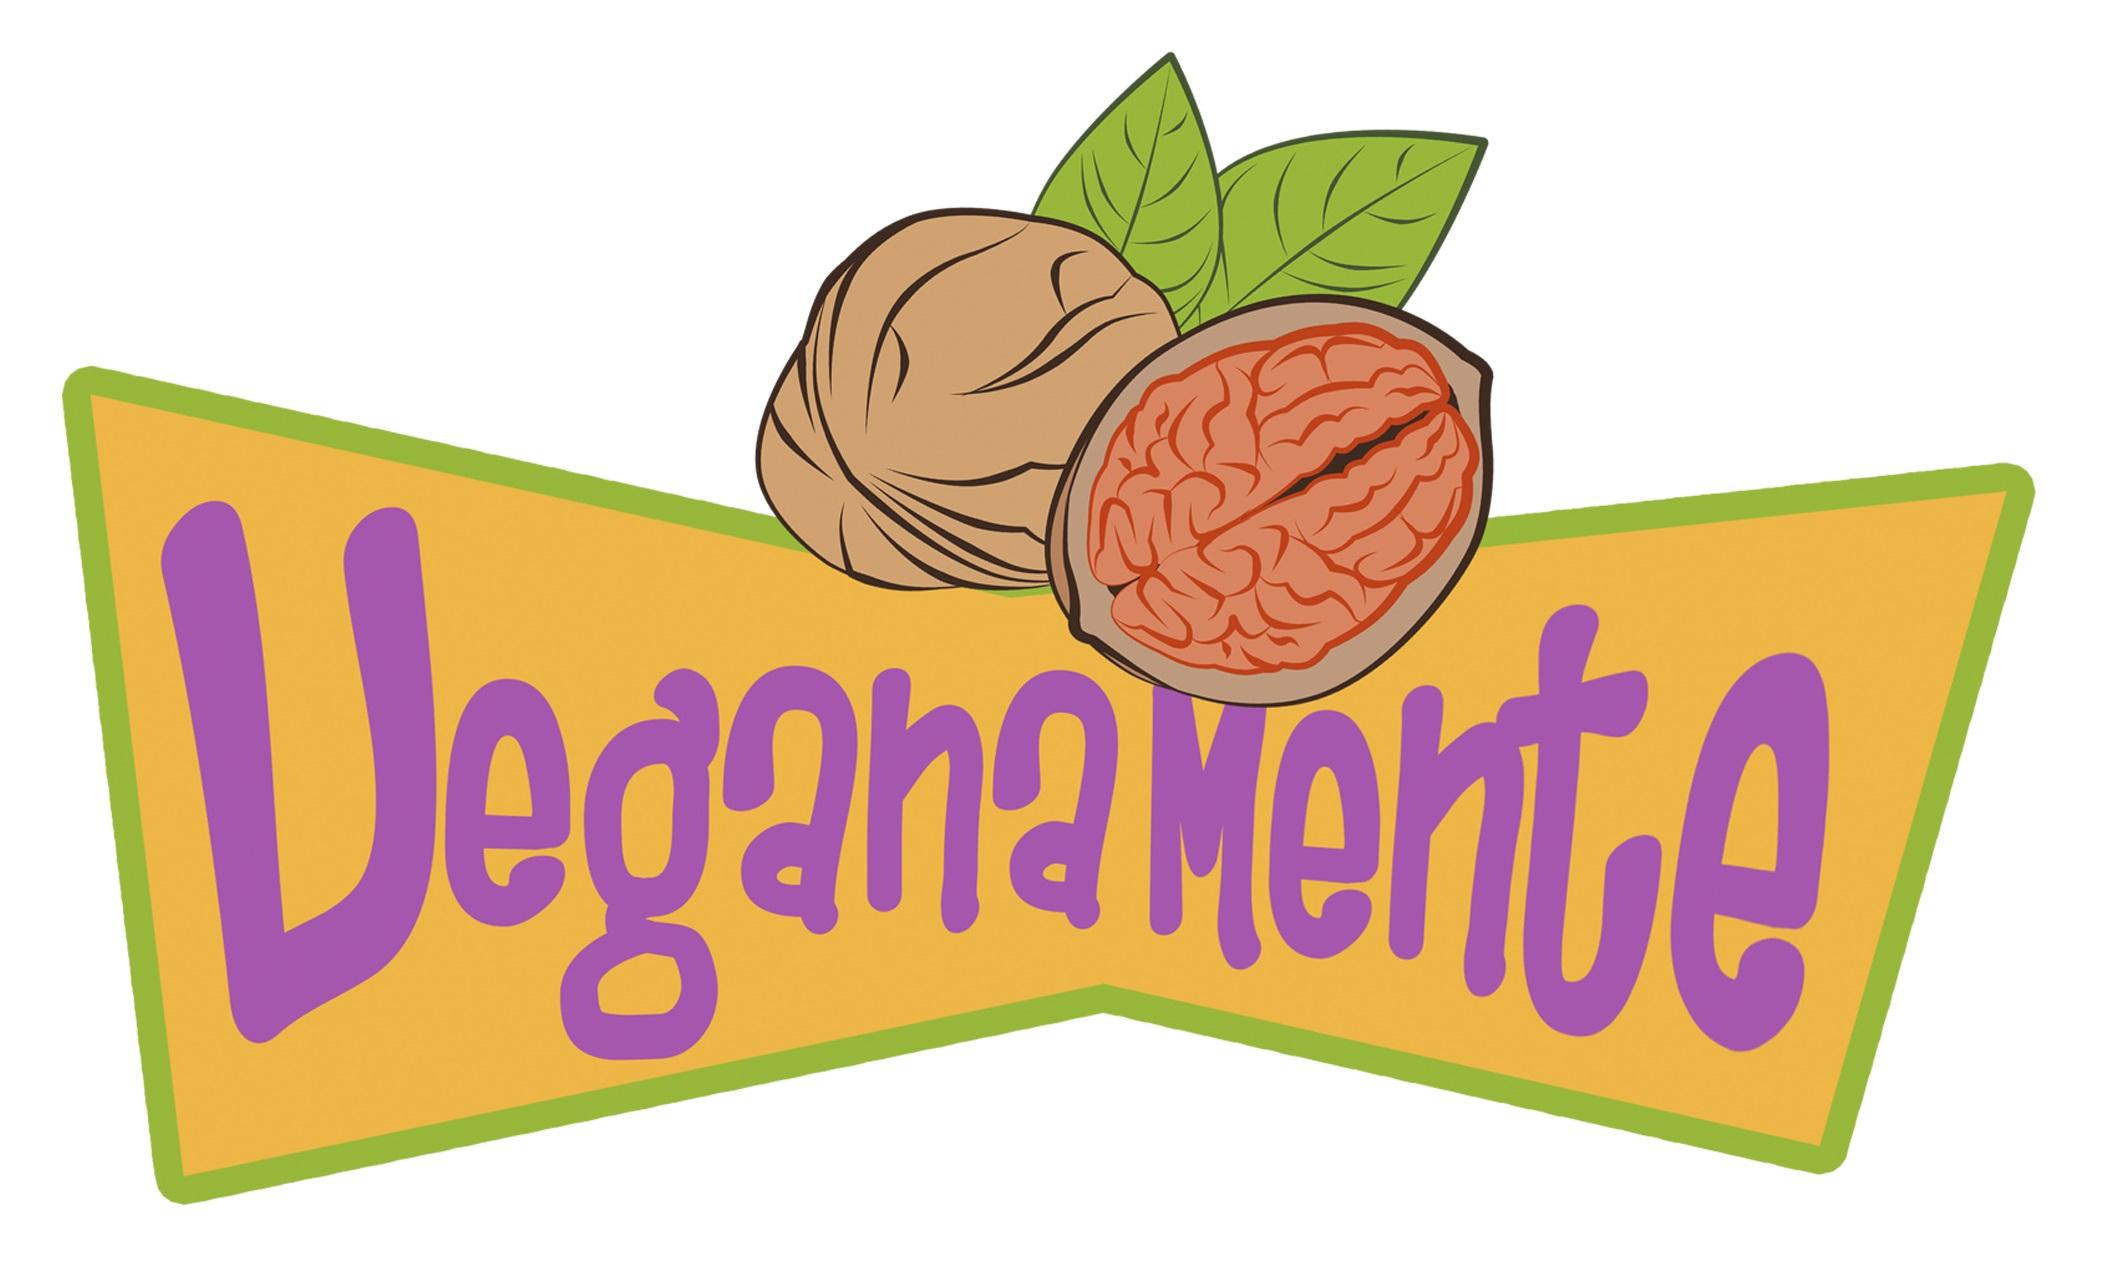 portada veganamente